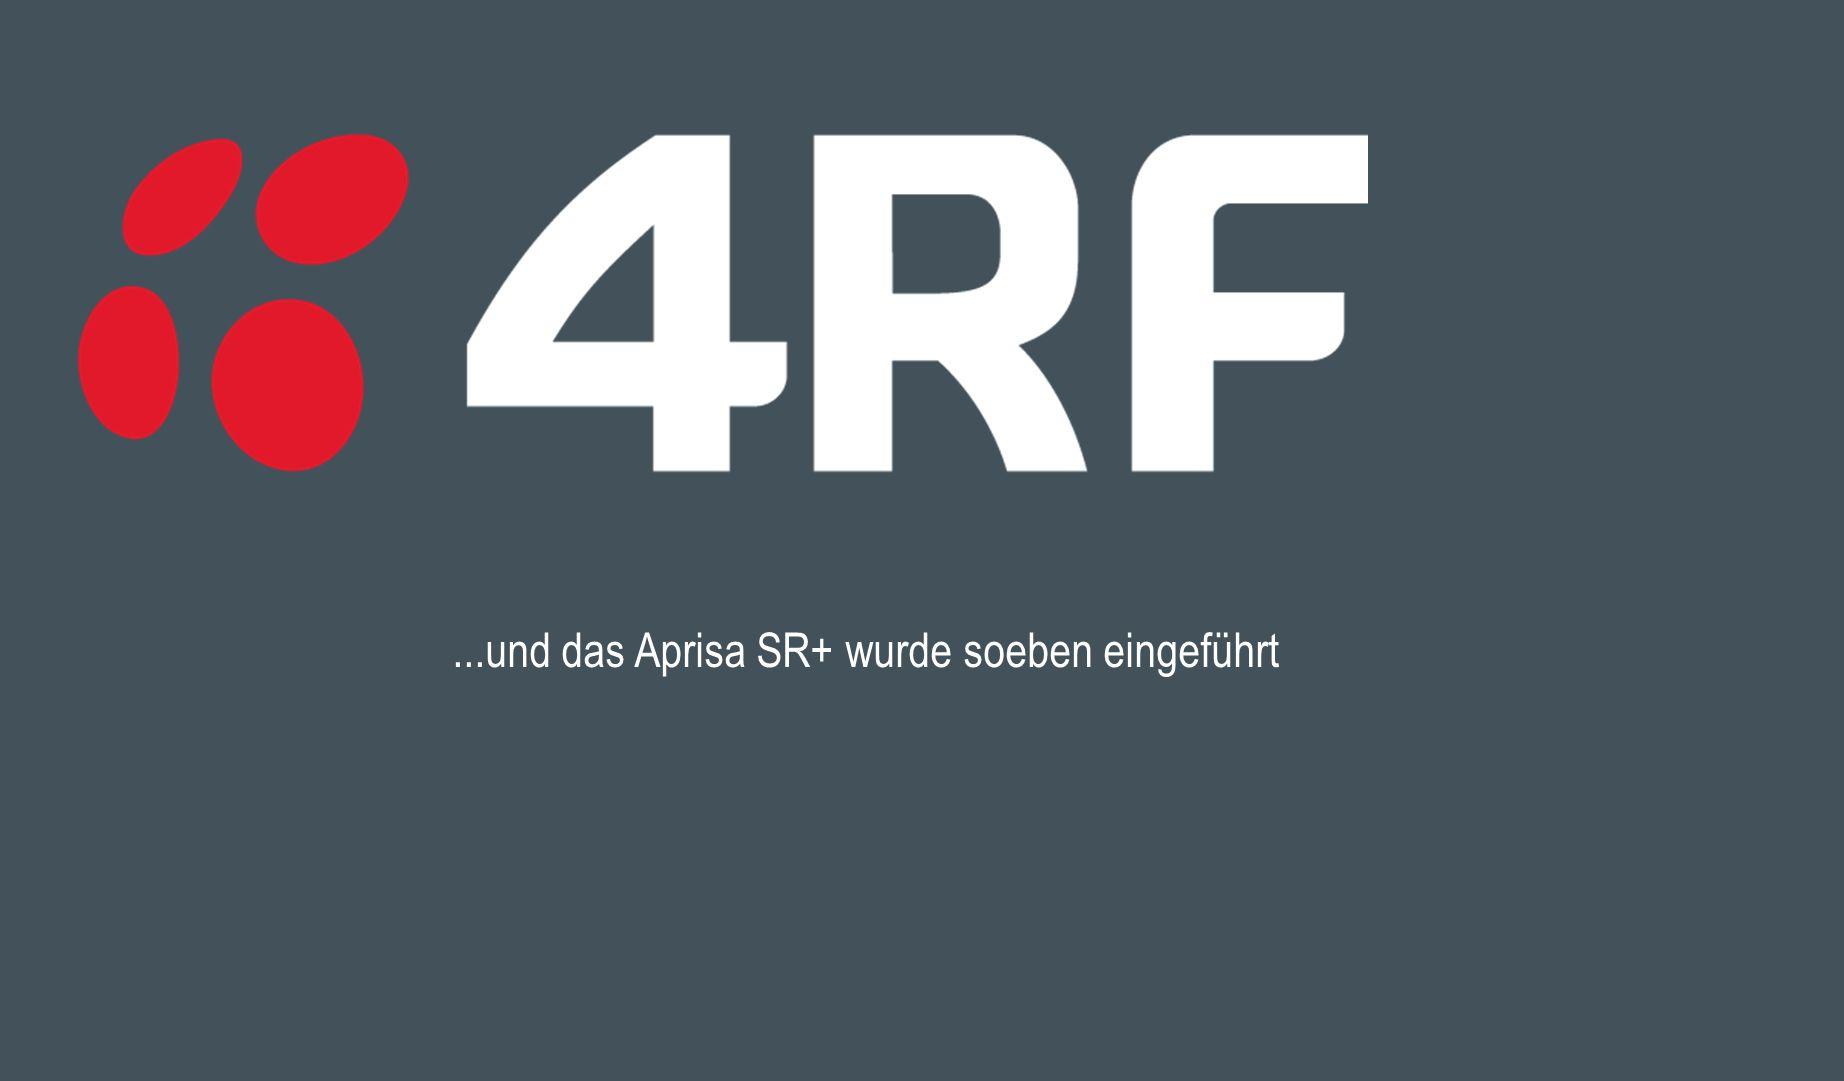 Das Aprisa SR Sortiment liefert in der realen Welt eine unschlagbare RF-Leistung aus der Praxis.